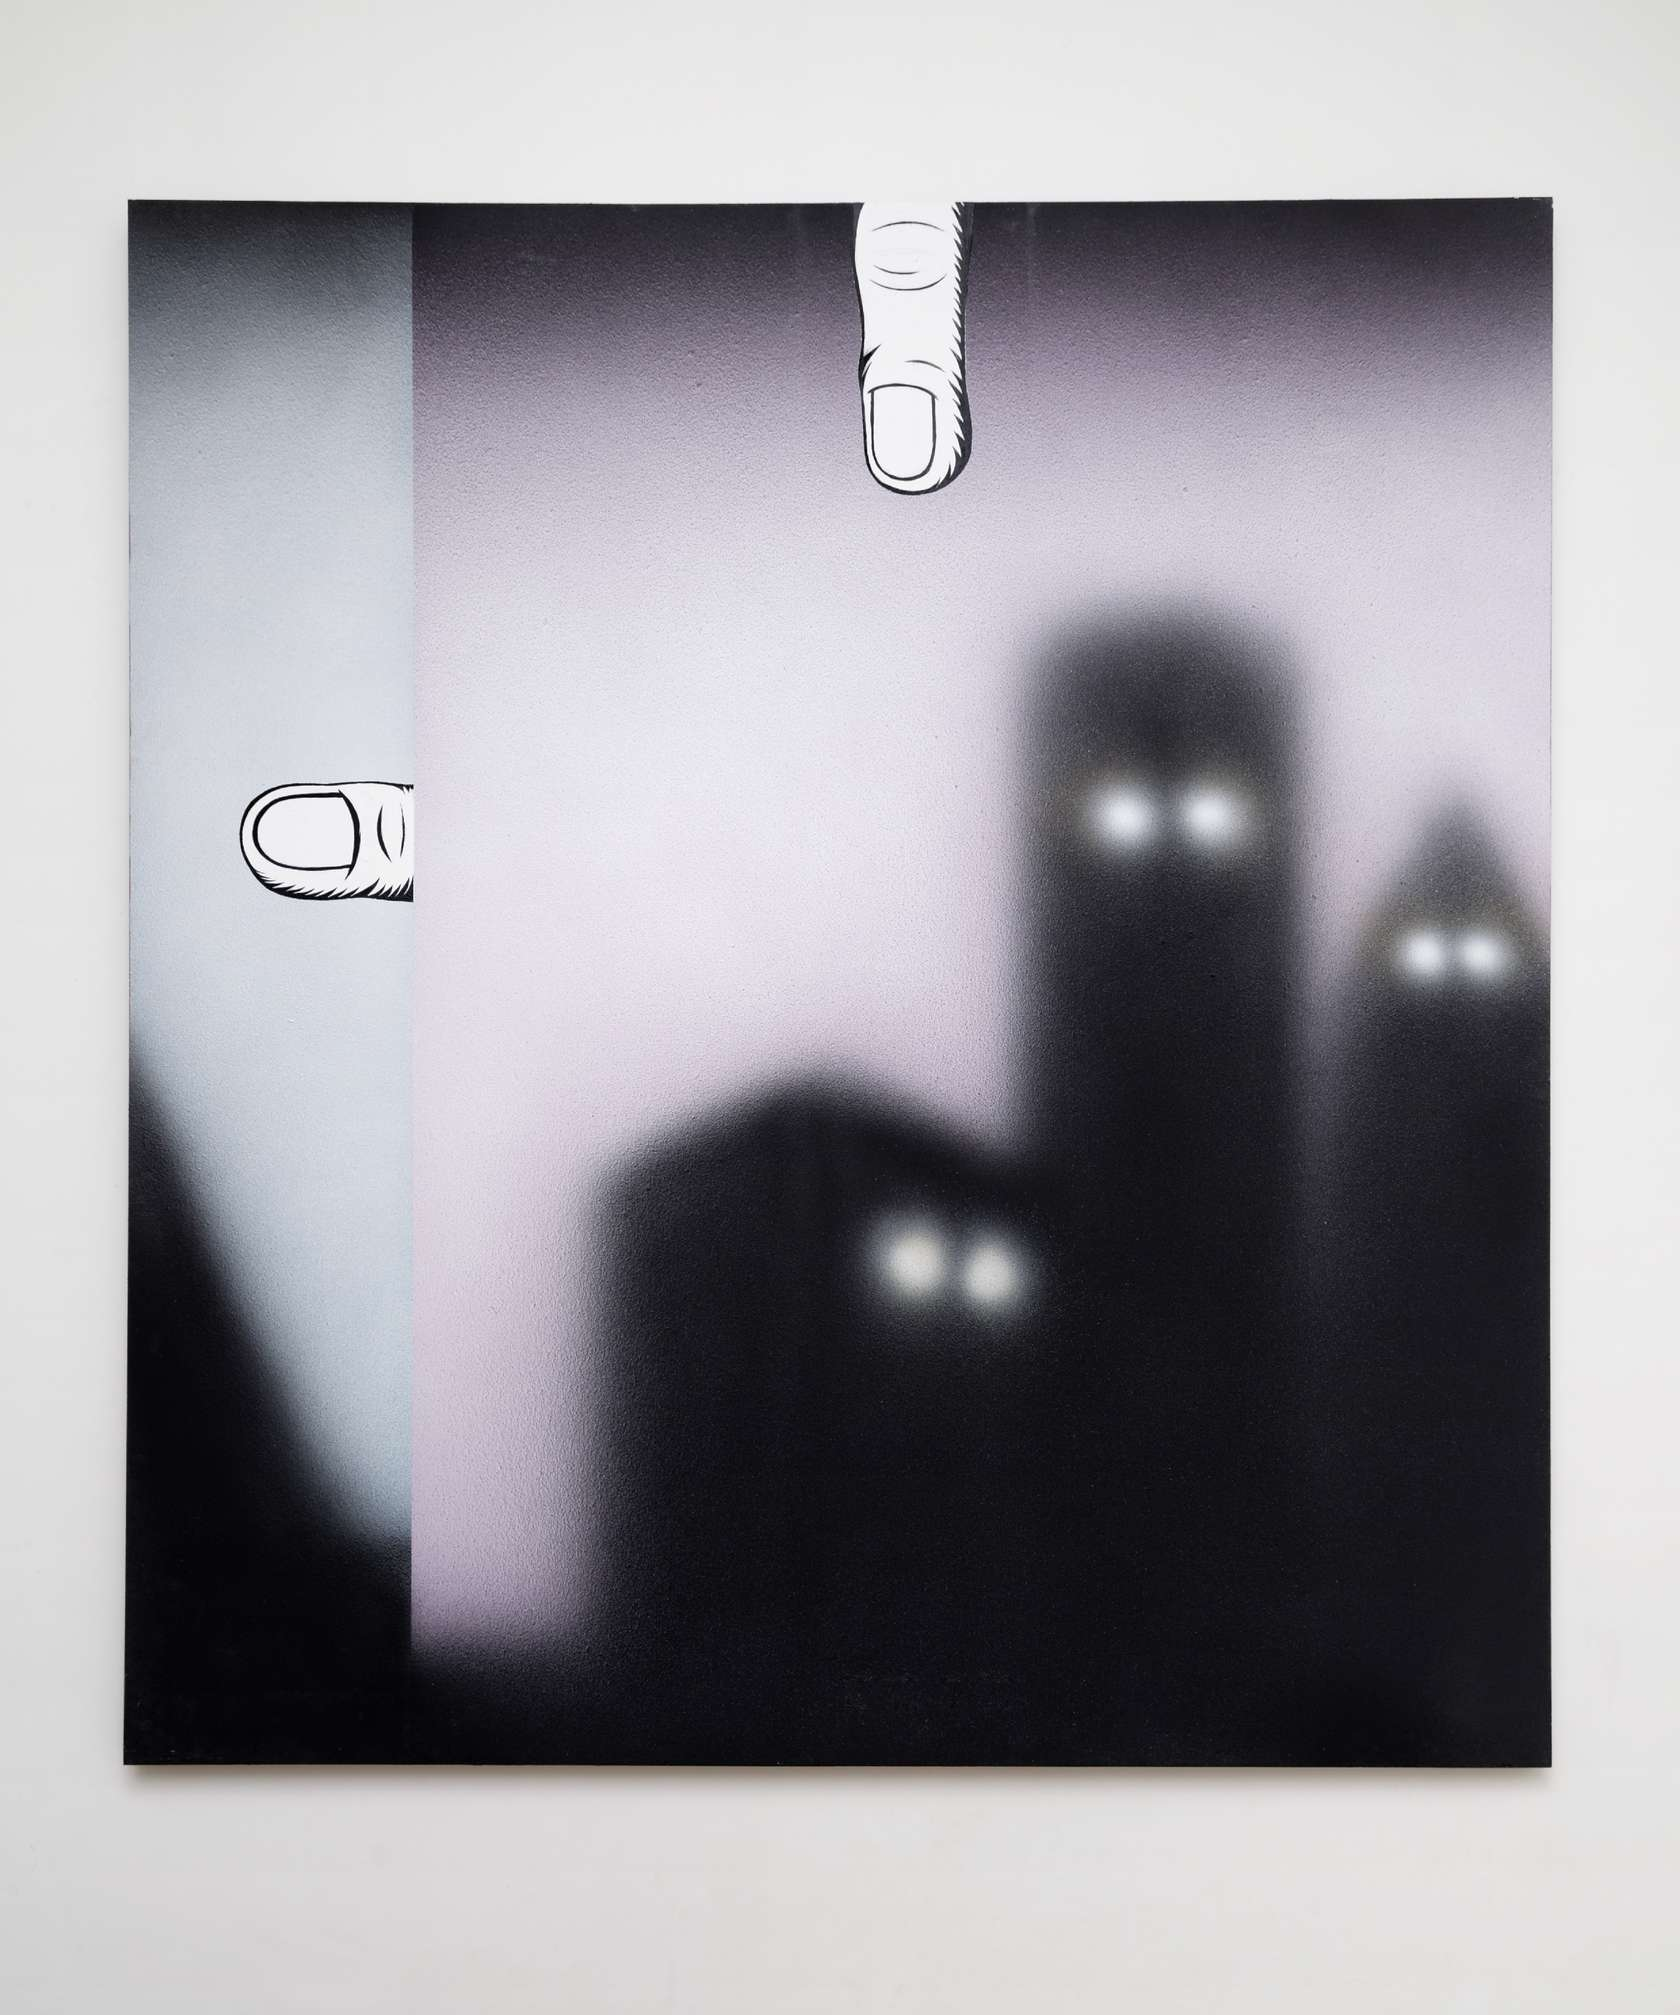 Hippolyte Hentgen, Les Fonds, 2012 Acrylique et encre sur bois220 x 200 cm / 86 5/8 x 78 6/8 inches